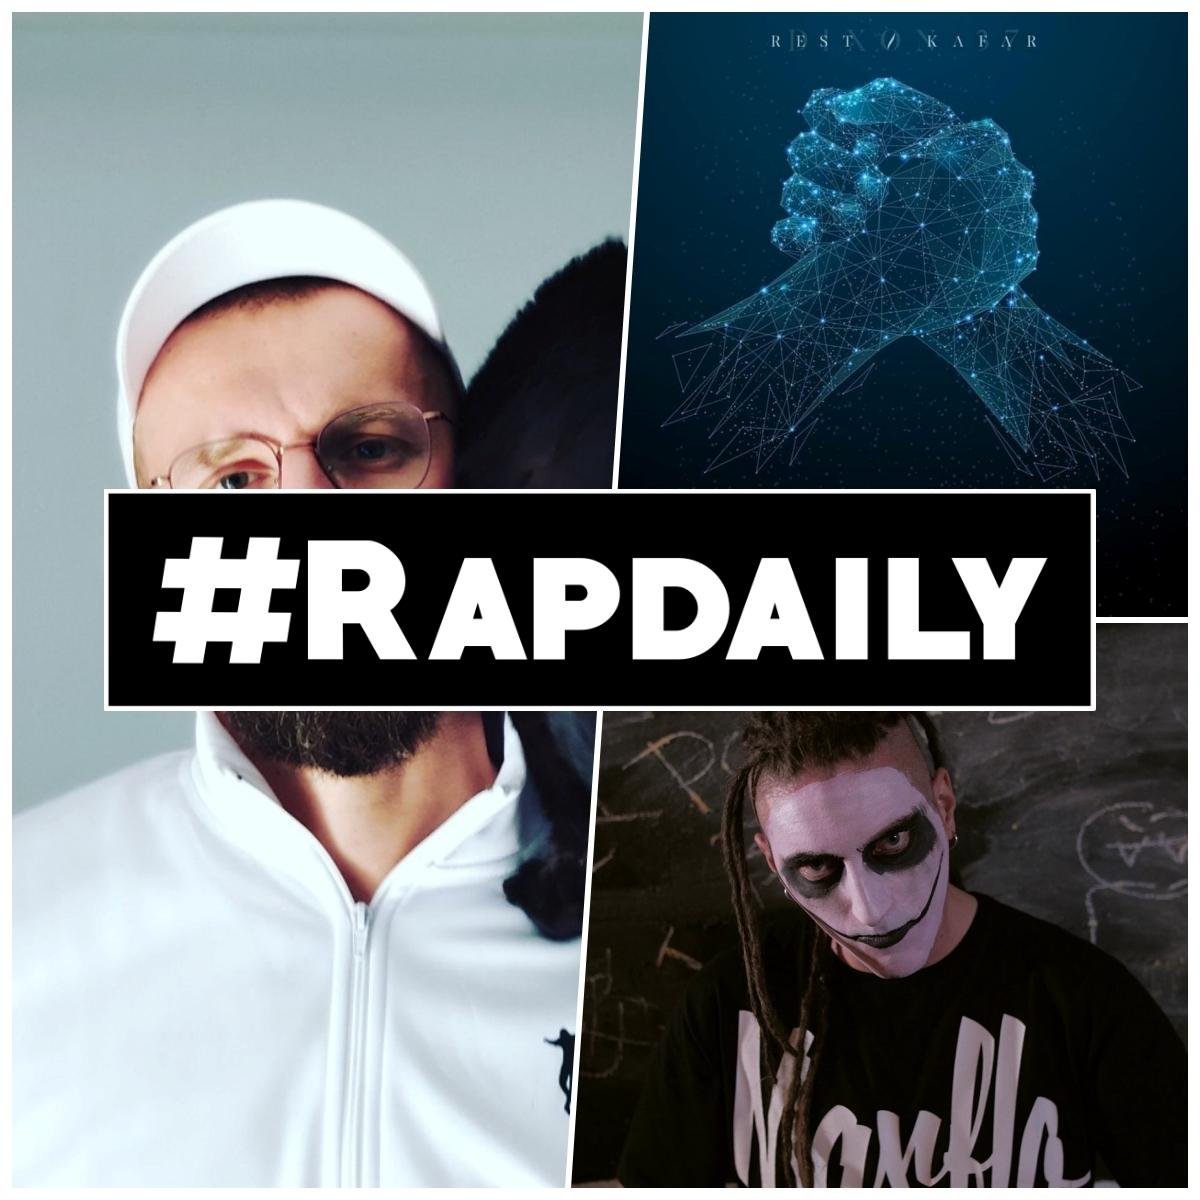 Kleszcz & DiNO | Kękę | Rest/Kafar || #RapDaily